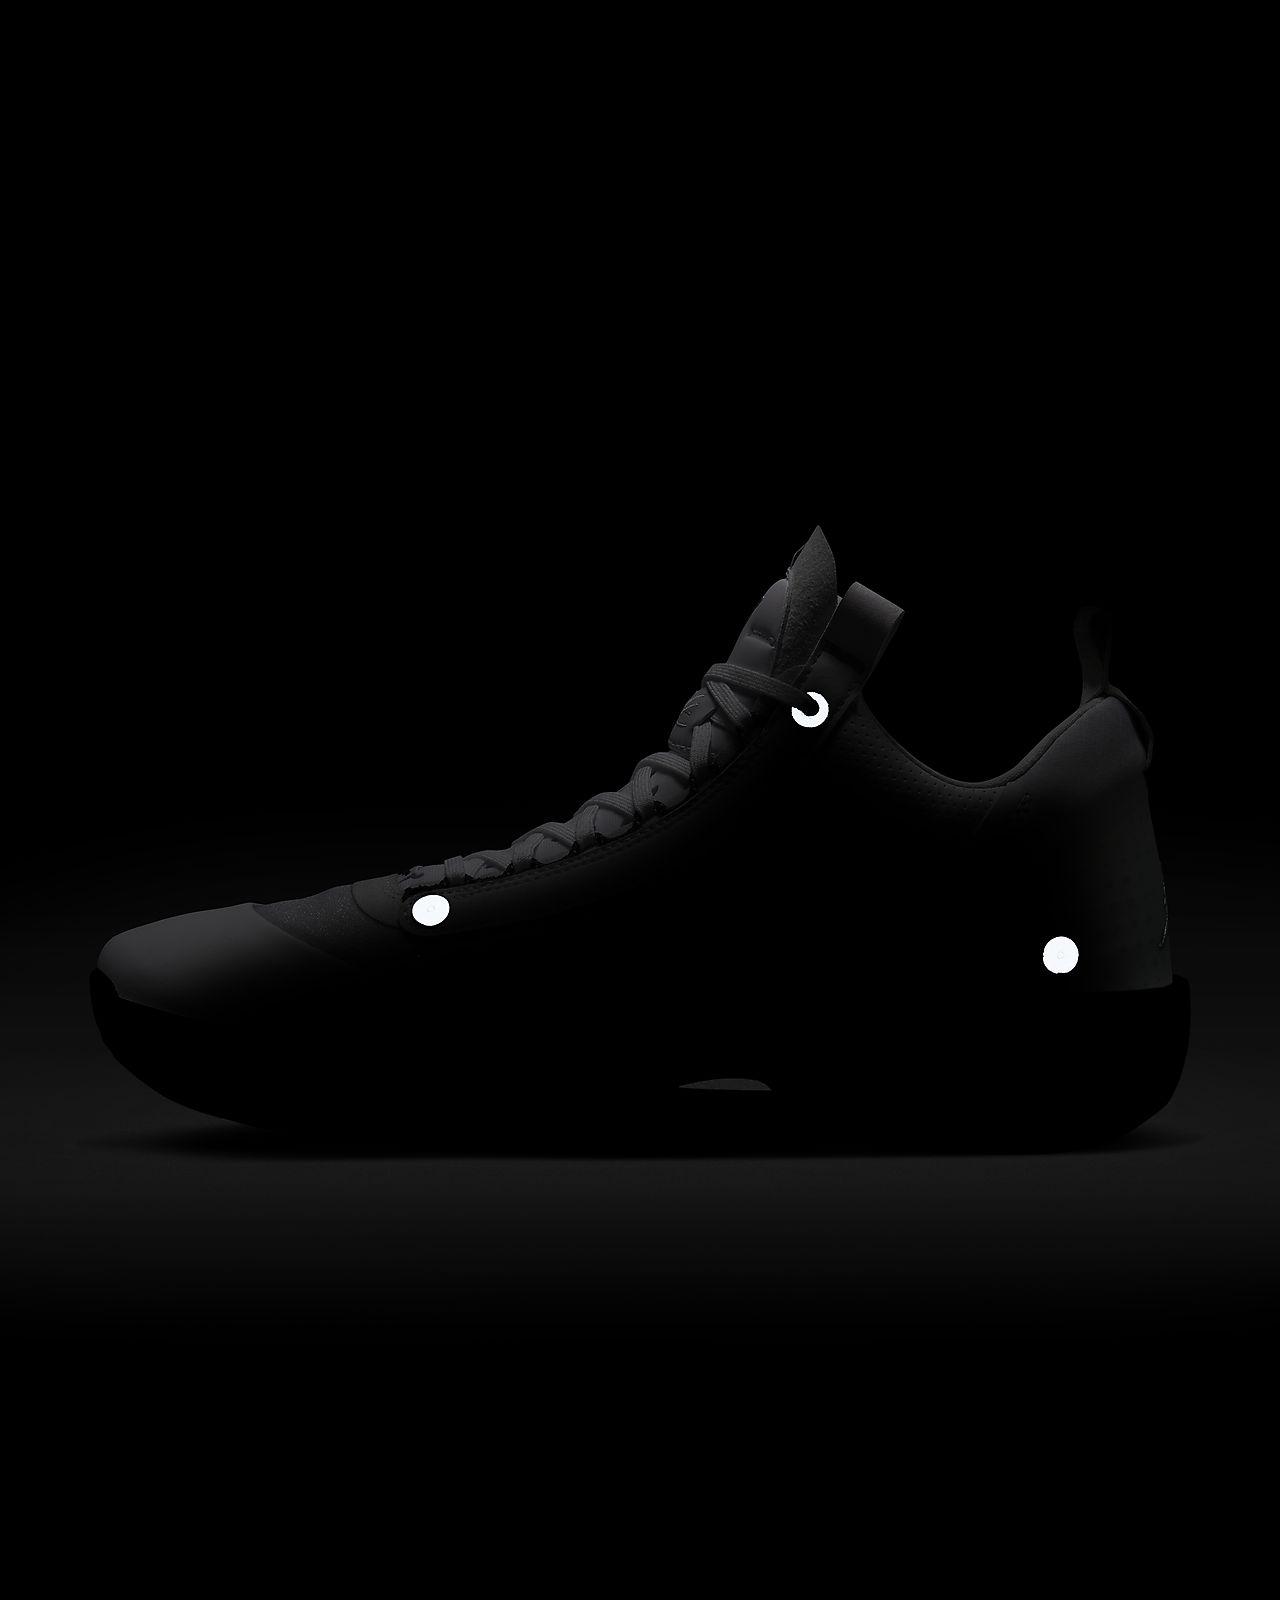 Chaussure de basketball Air Jordan XXXIV Low